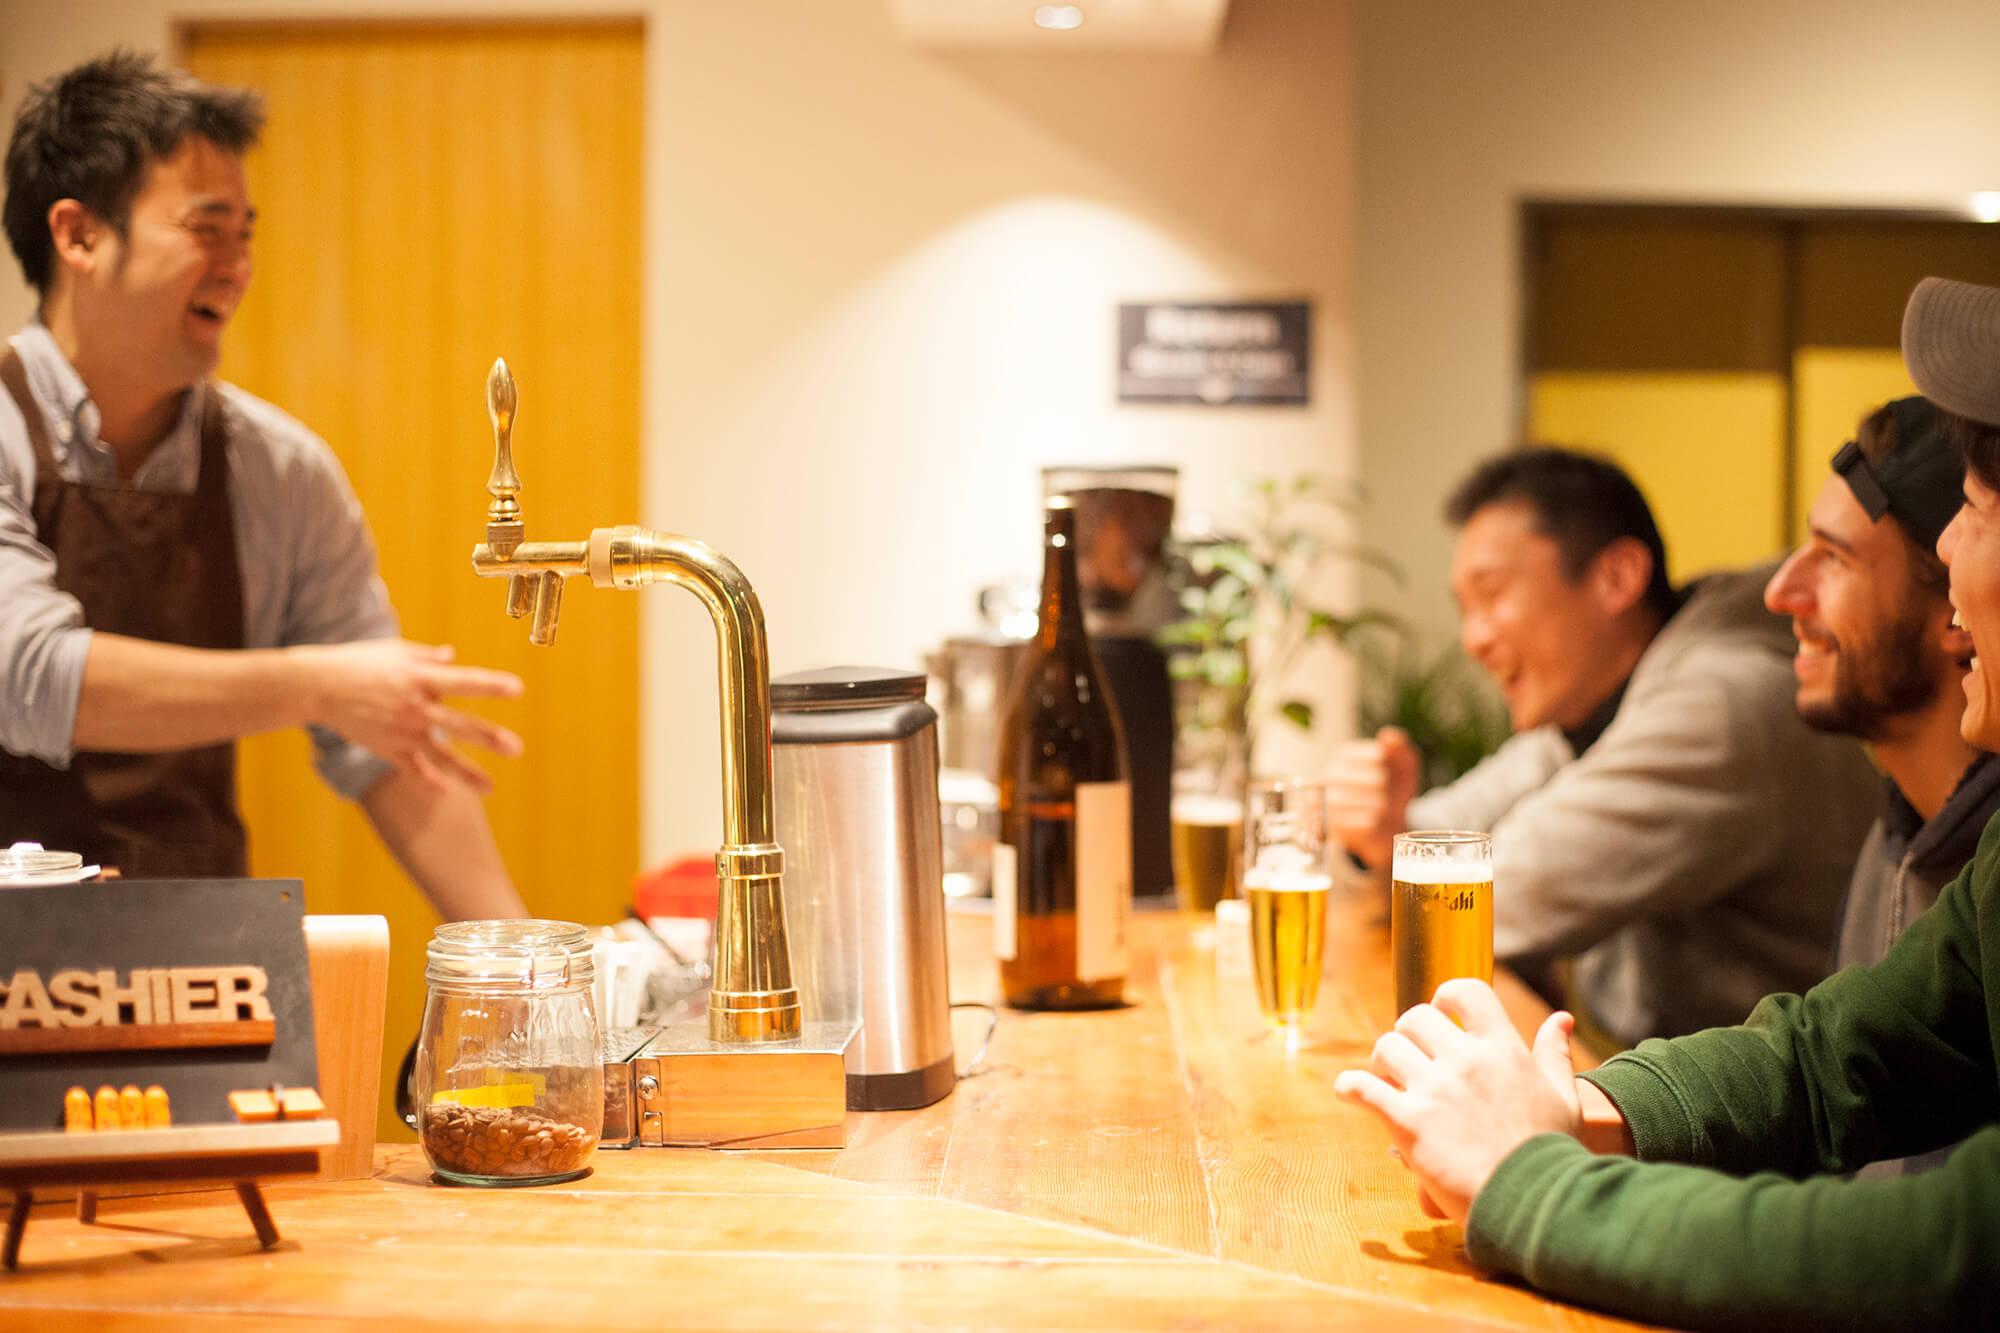 「obi Hostel」を運営する谷口 涼氏 vol.2「施設・運営のおはなし」